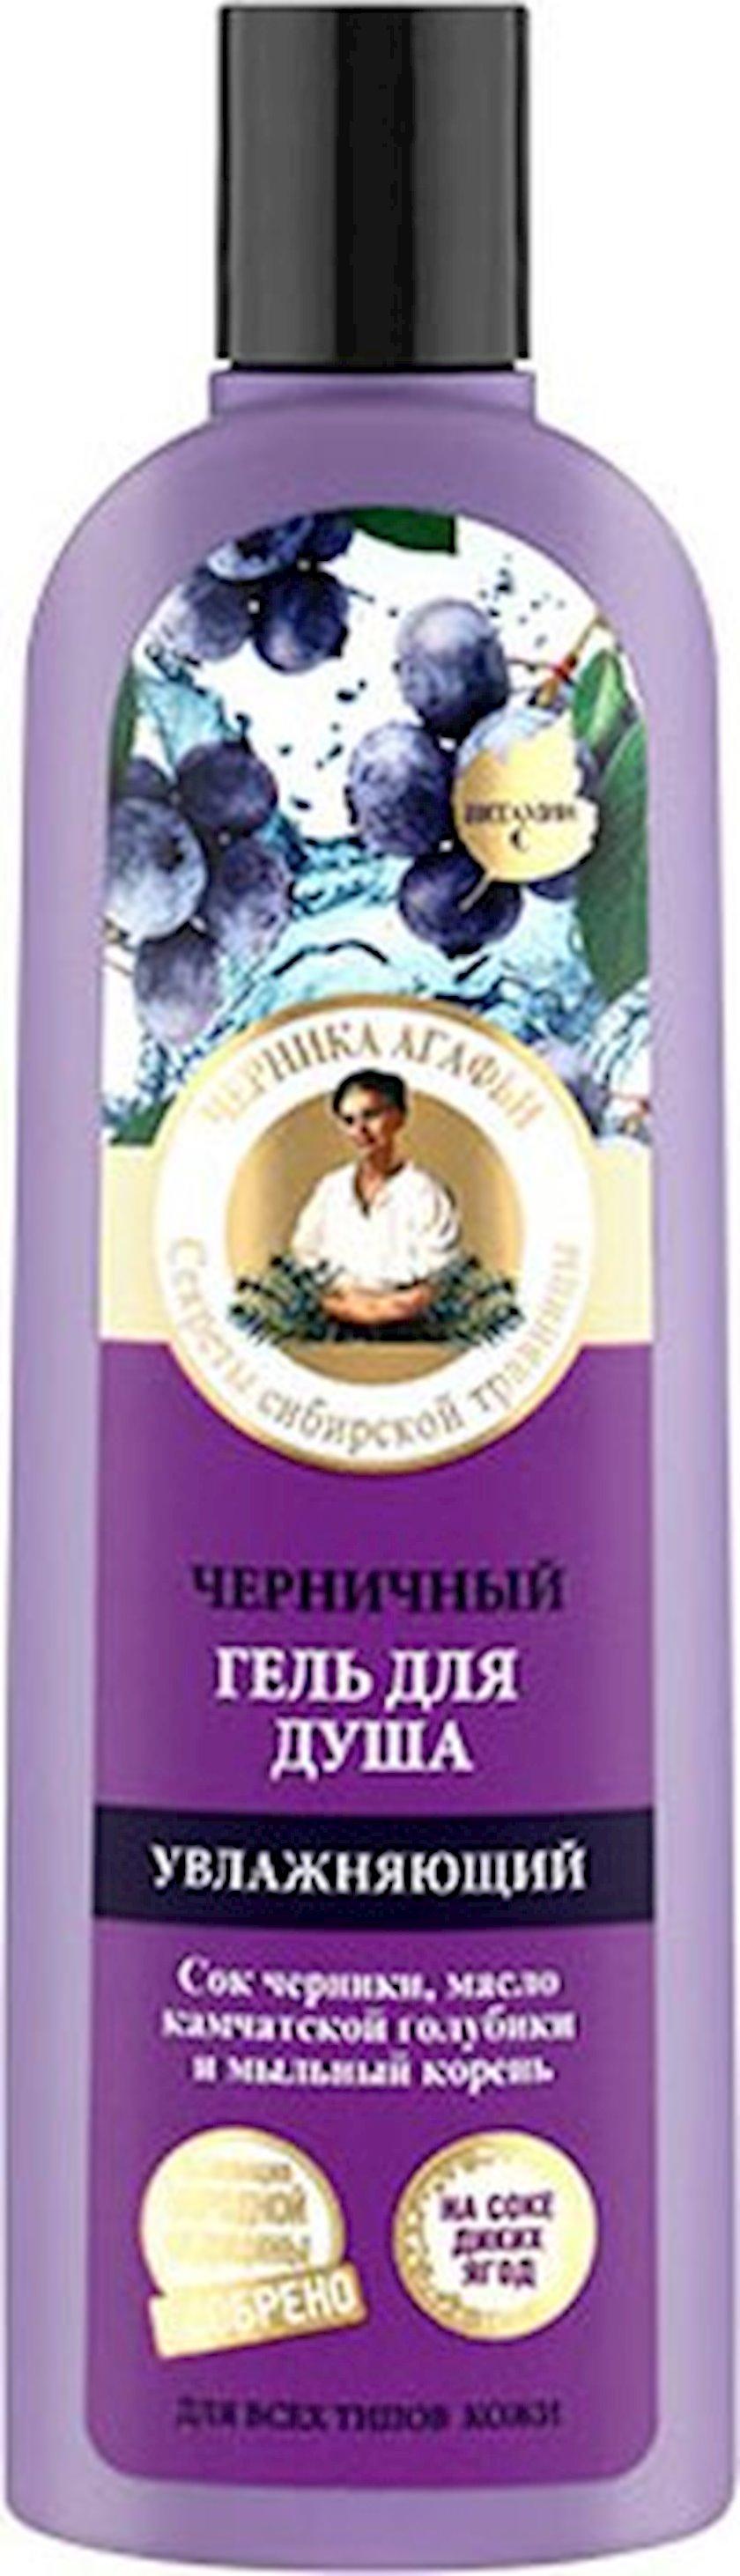 Duş üçün gel Рецепты бабушки Агафьи nəmləşdirici Qaragiləli, 280 ml